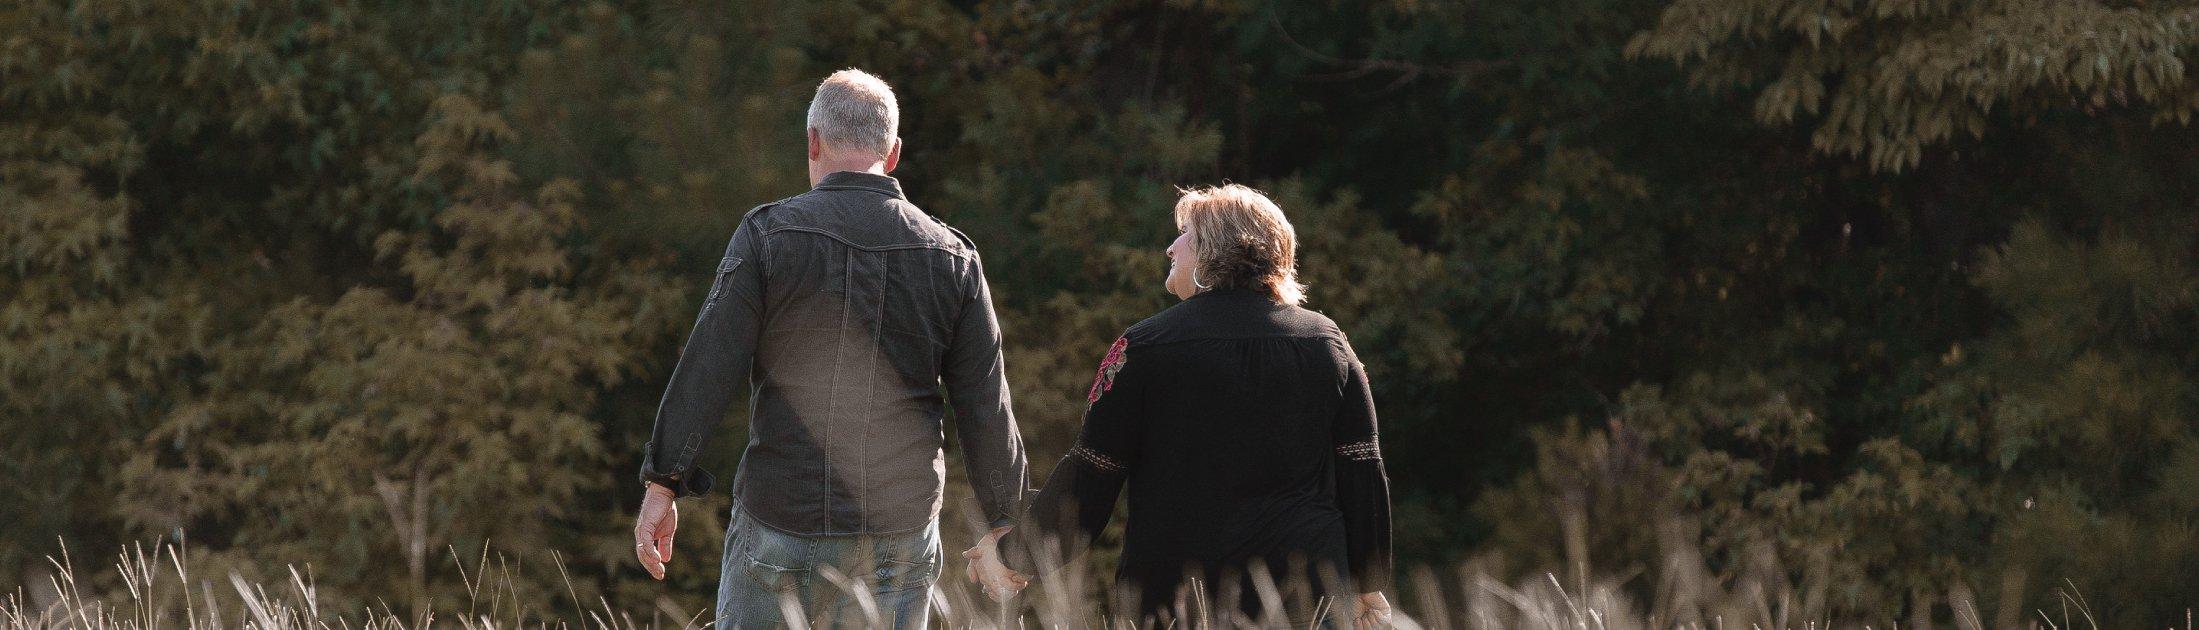 Dan & Melodie Griffin walking in field